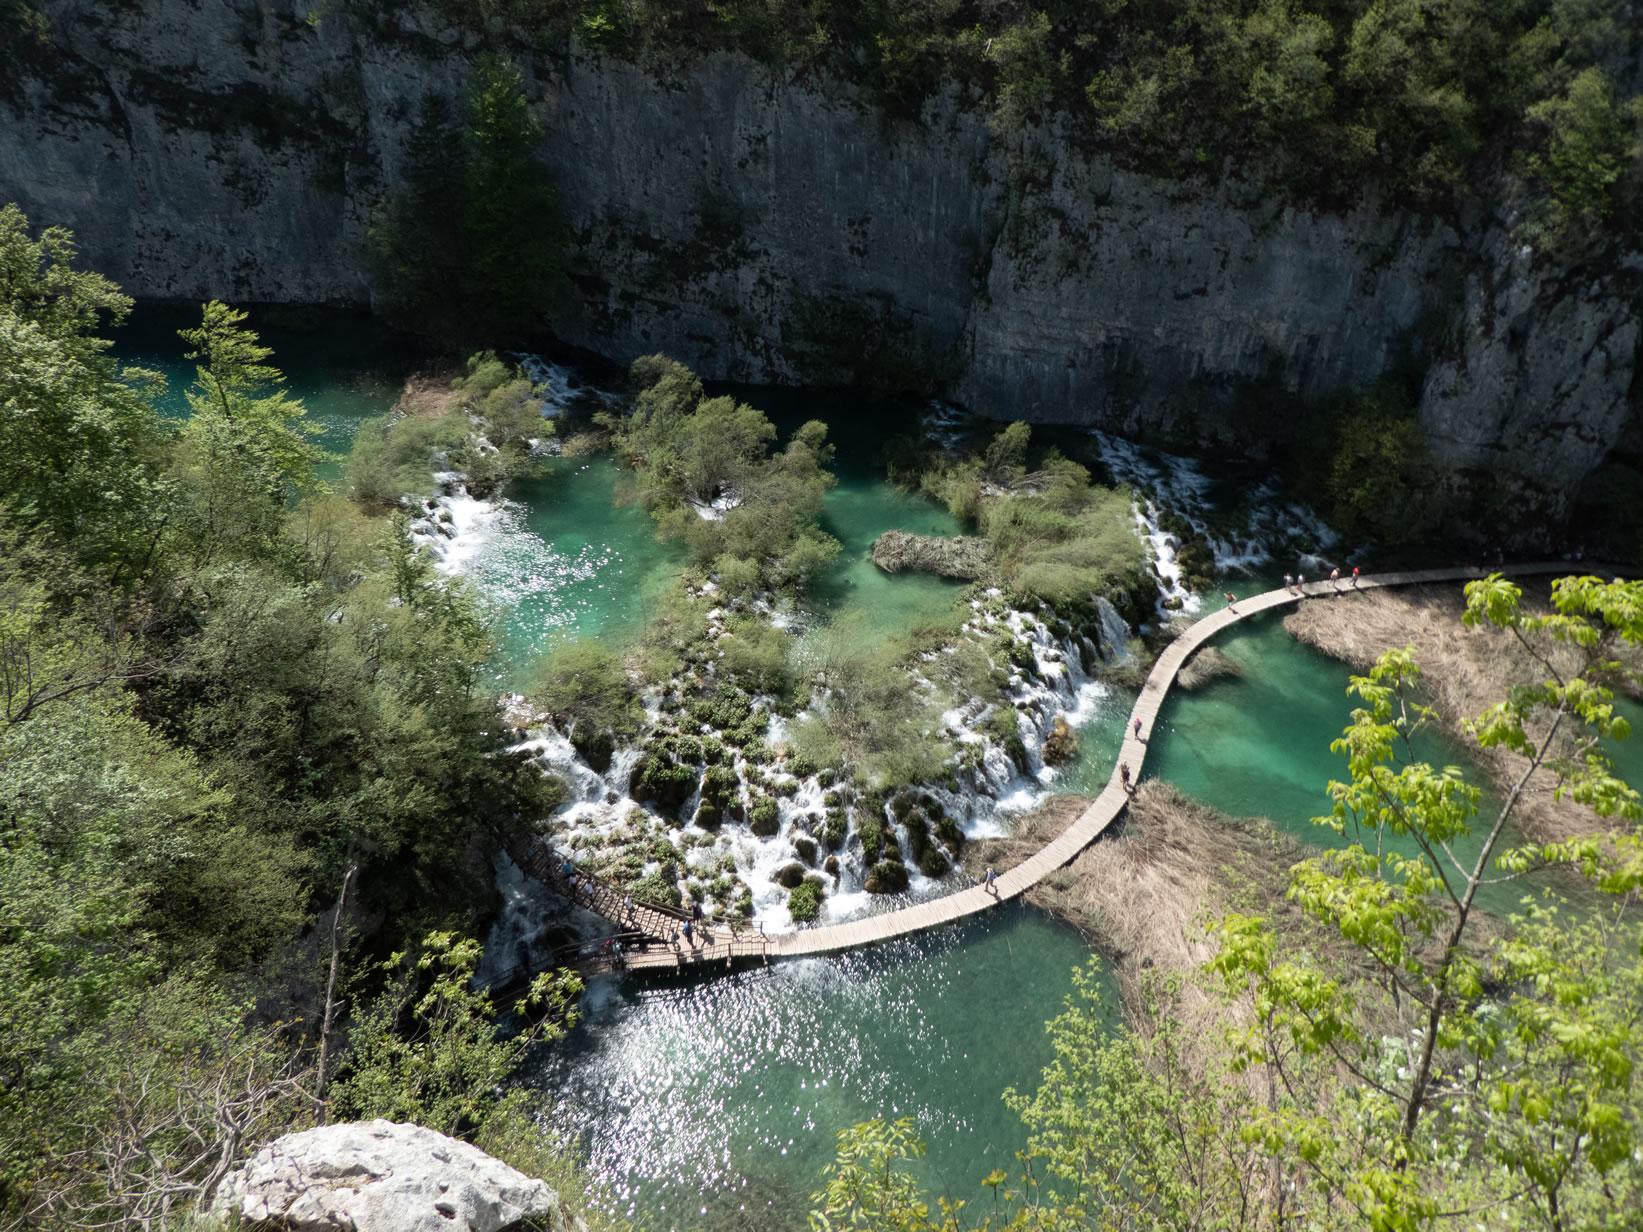 Nationalpark Plitvicer Seen Karte.Ausflug In Den Nationalpark Plitvicer Seen